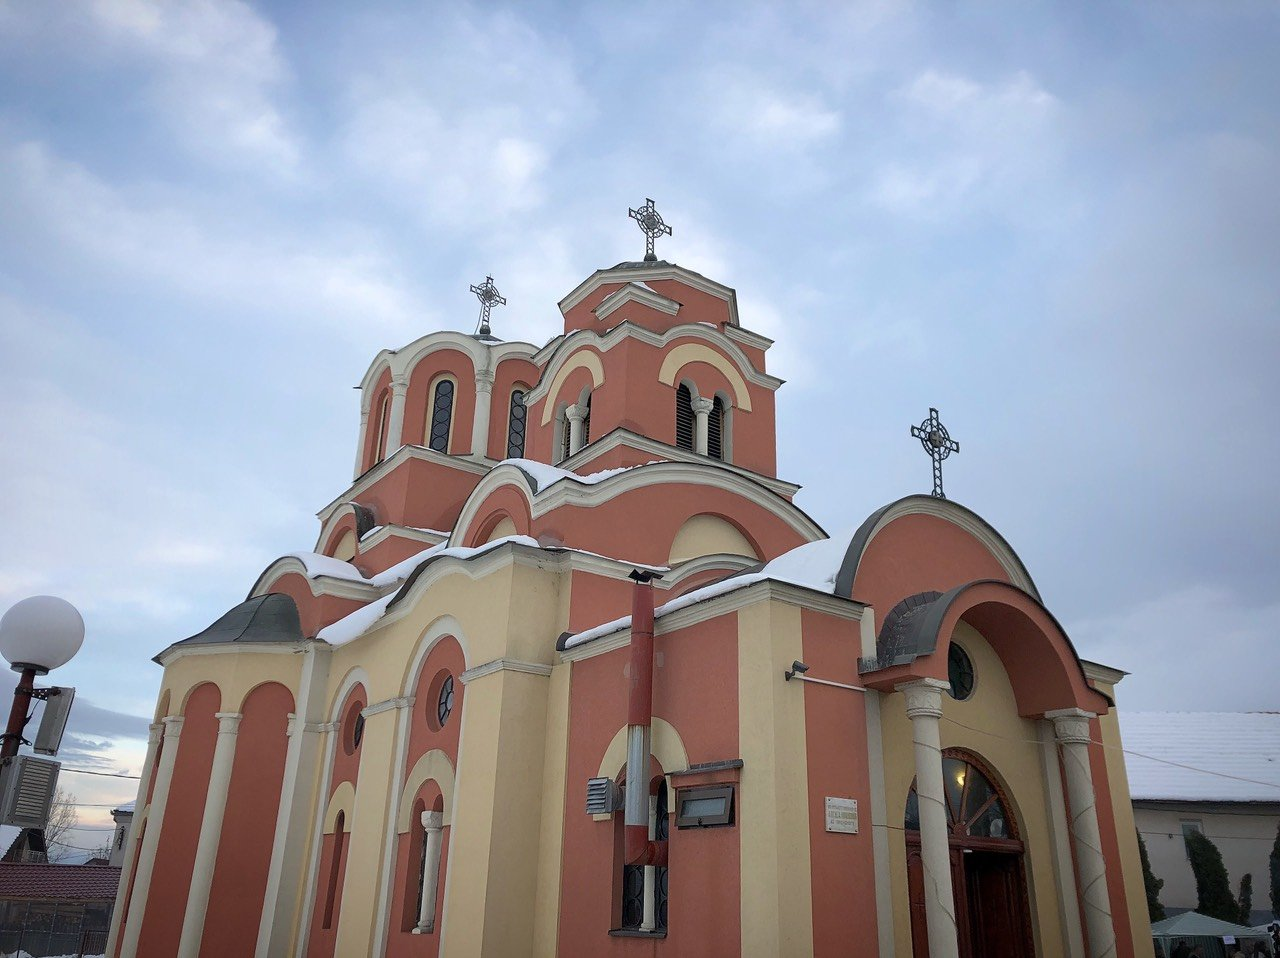 Crkva Svetog cara Konstantina i carice Jelene u Svrljigu, foto: Marko Miladinović, Domaćinska kuća